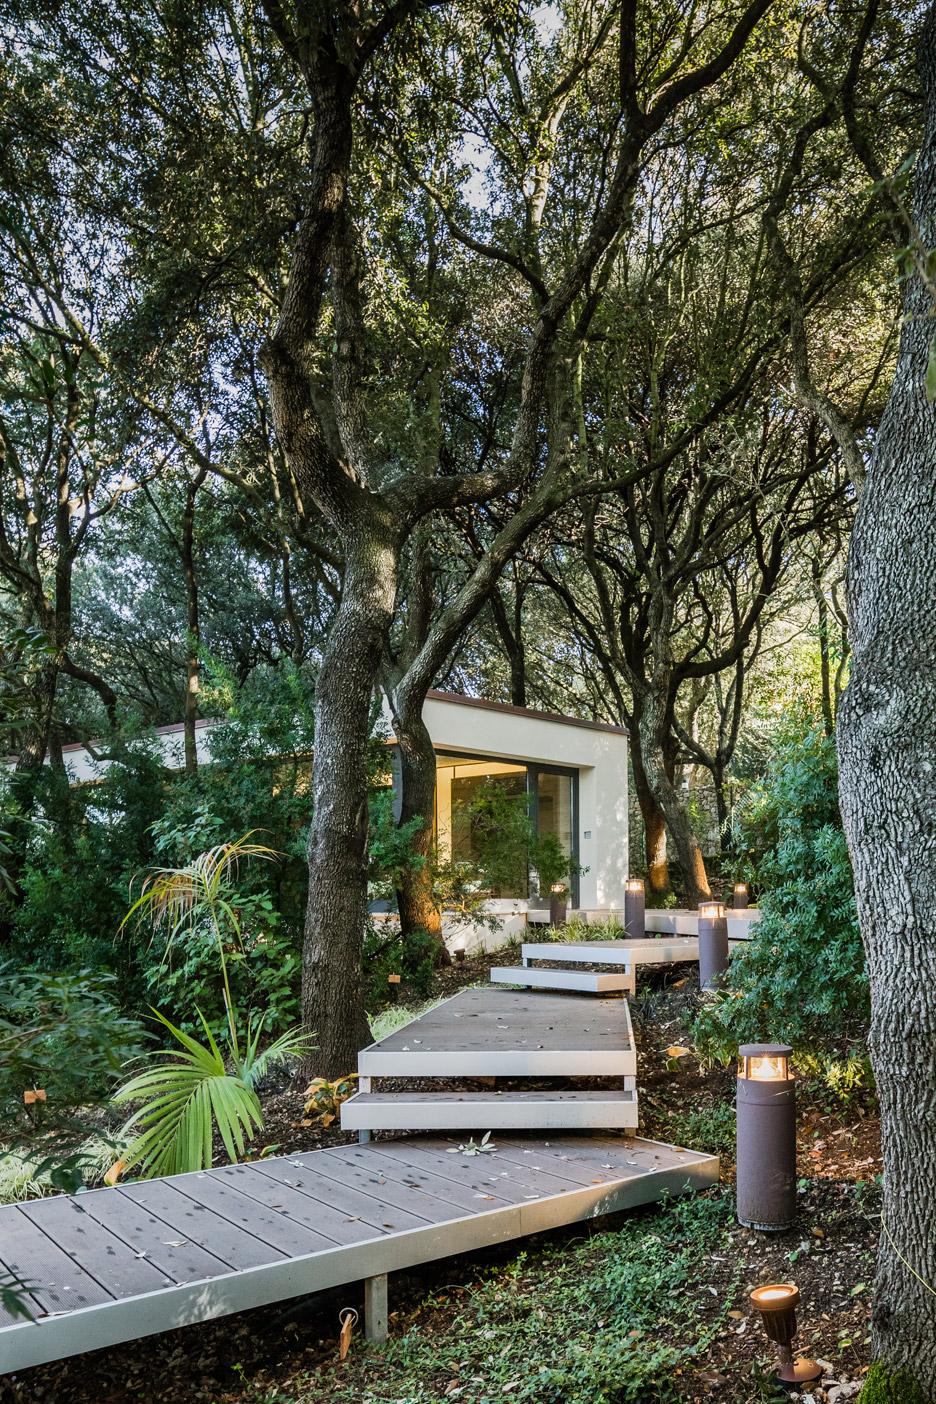 casa-nel-bosco-officina29-architetti-house-in-the-woods-joao-morgado_dezeen_936_0